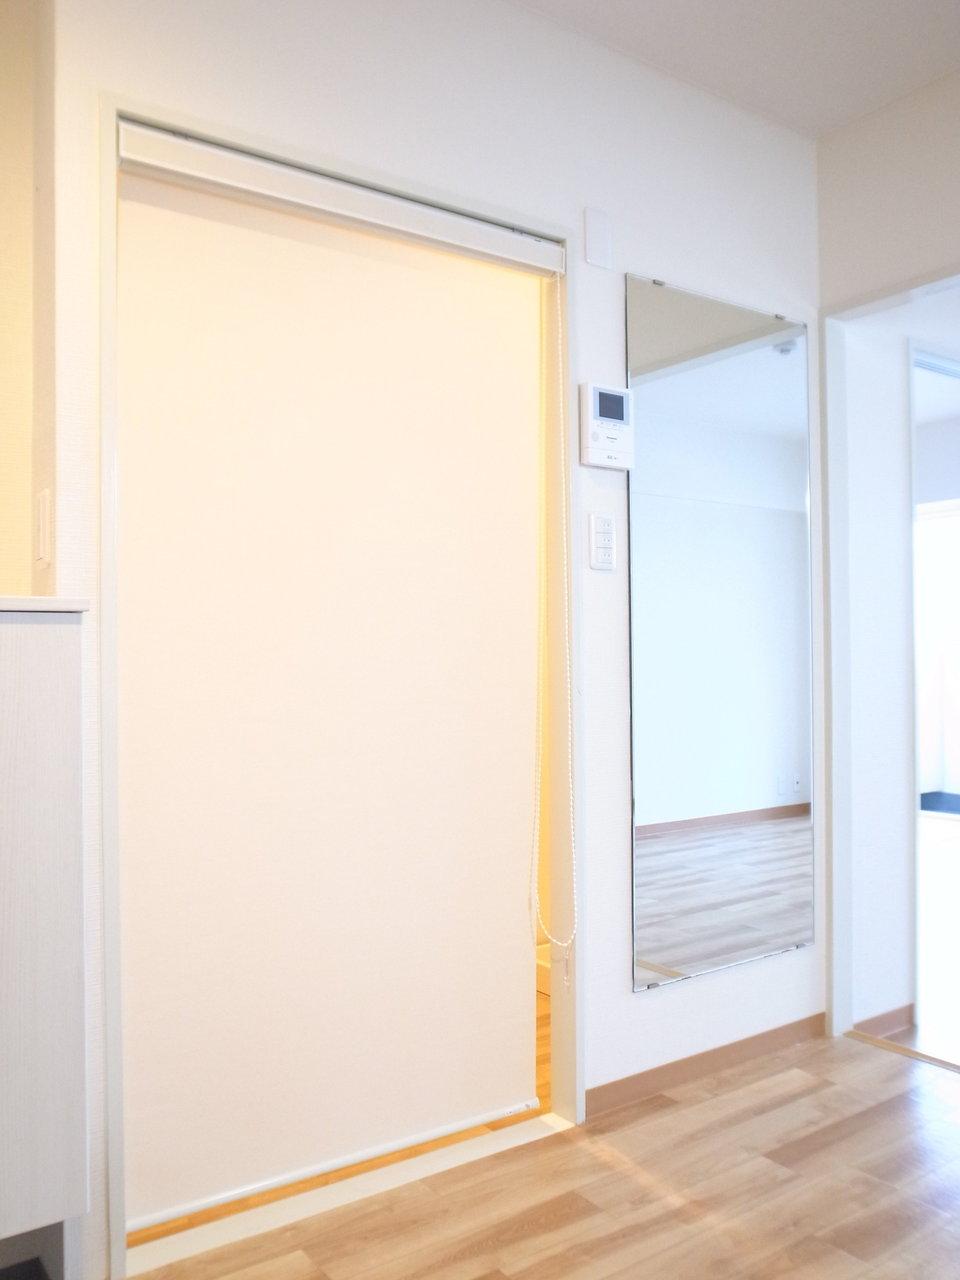 サニタリースペースとの境にはロールカーテンが。扉よりも圧迫感がないので、開放的に感じられていいですね。